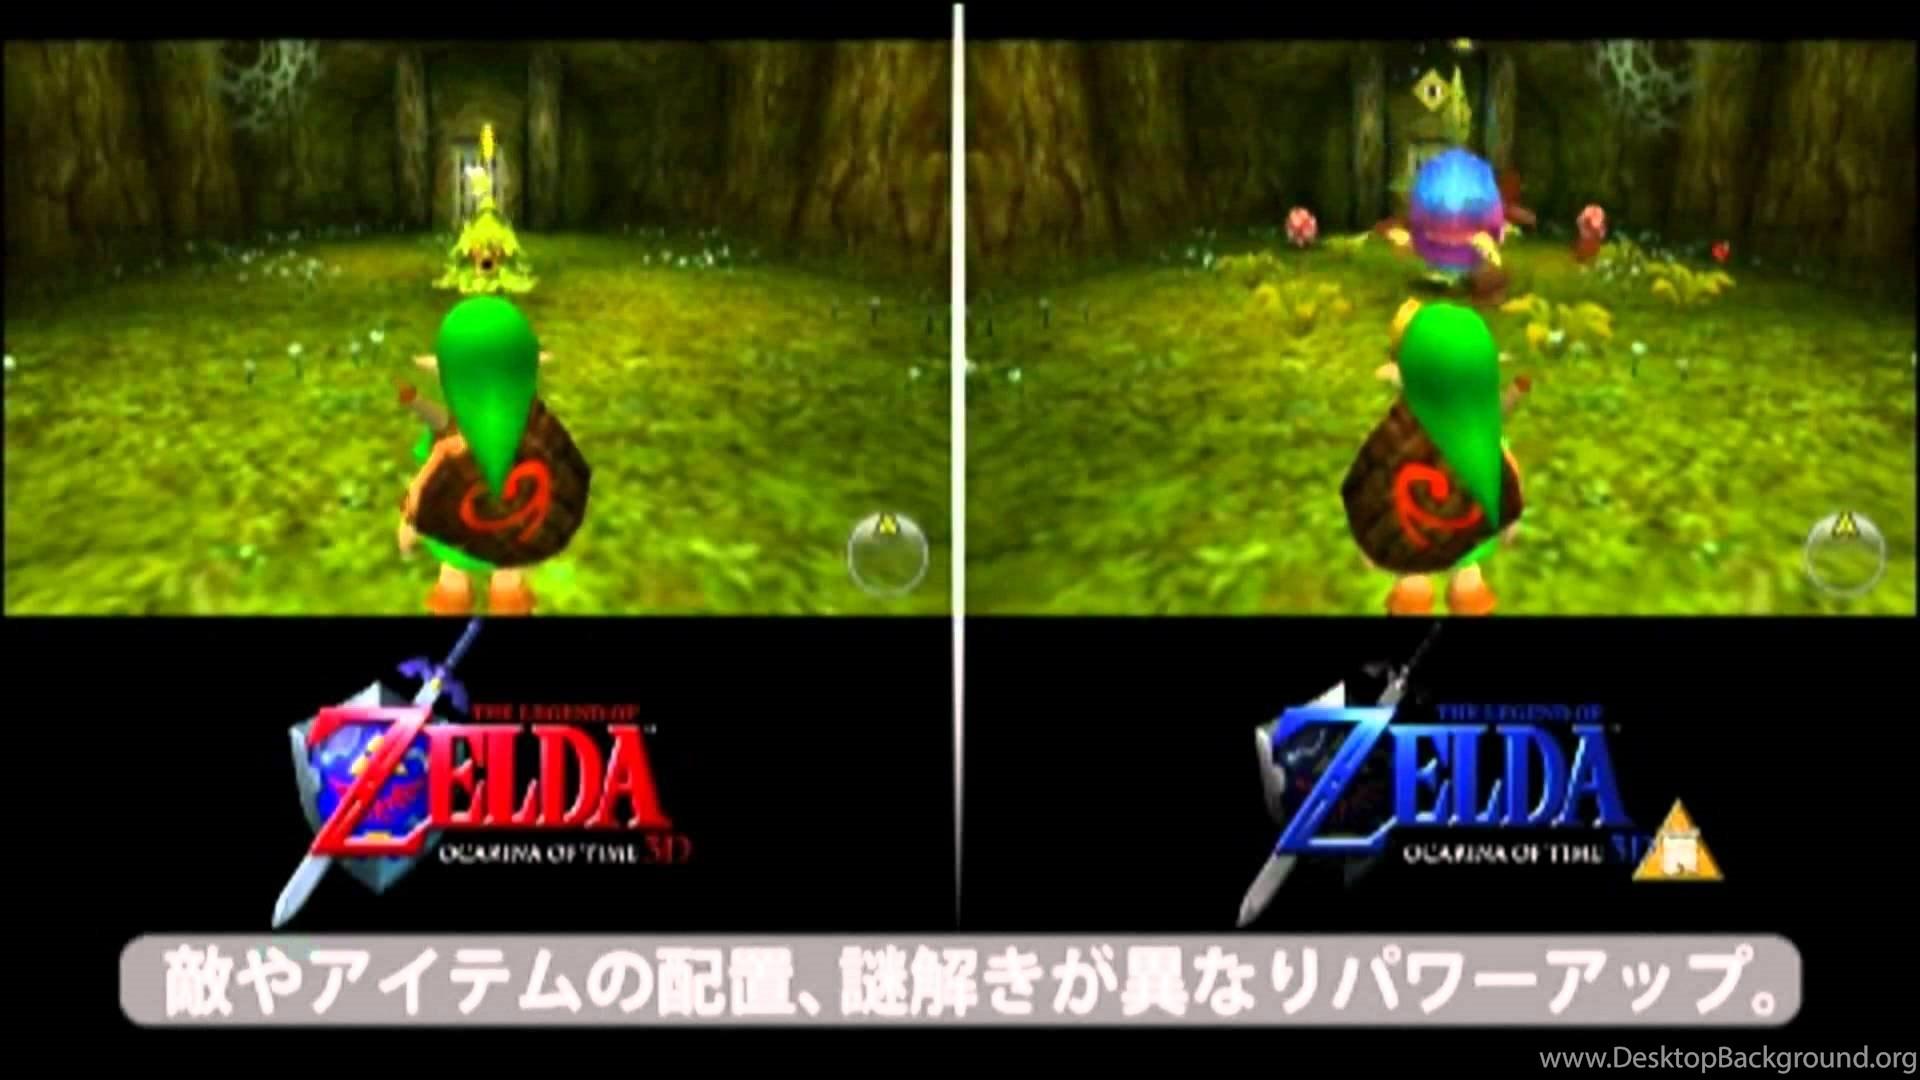 Link Ocarina Of Time 3d Wallpaper Images Desktop Background